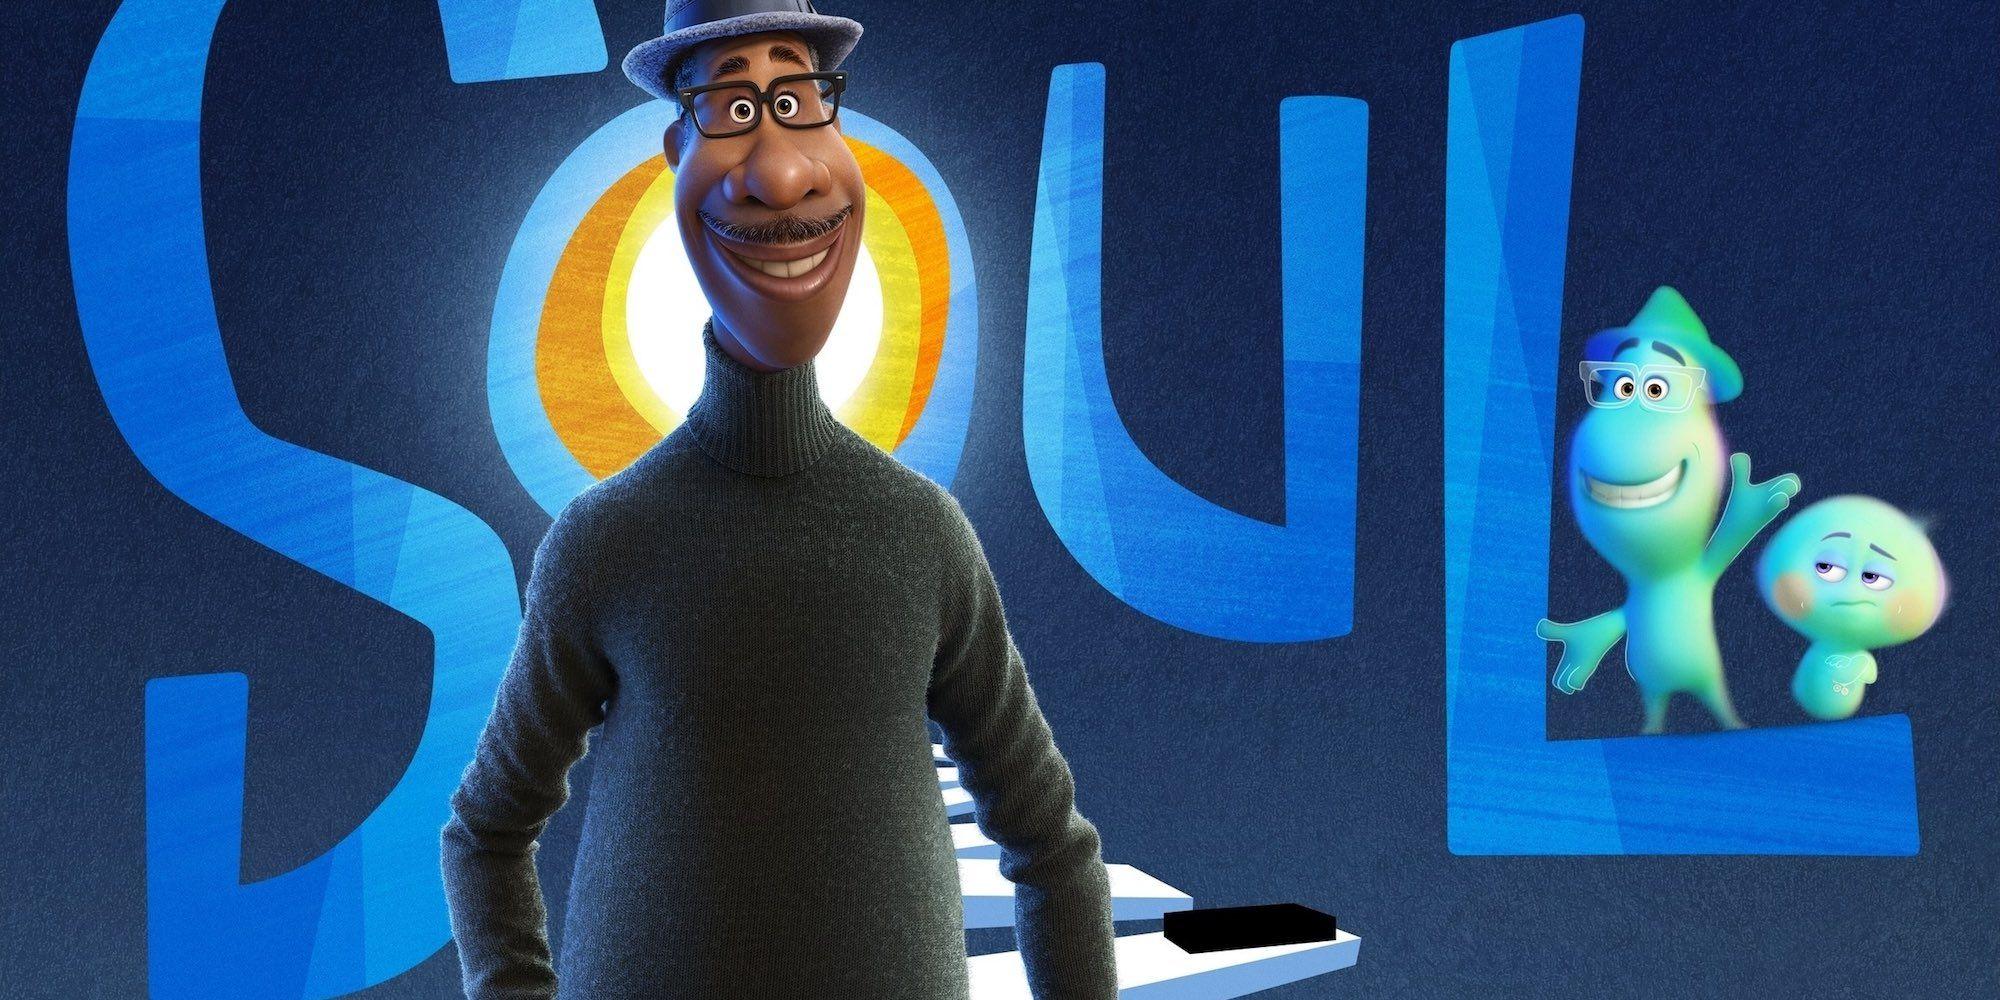 نقد انیمیشن SOUL 2020، زندگی رو در آغوش بگیر